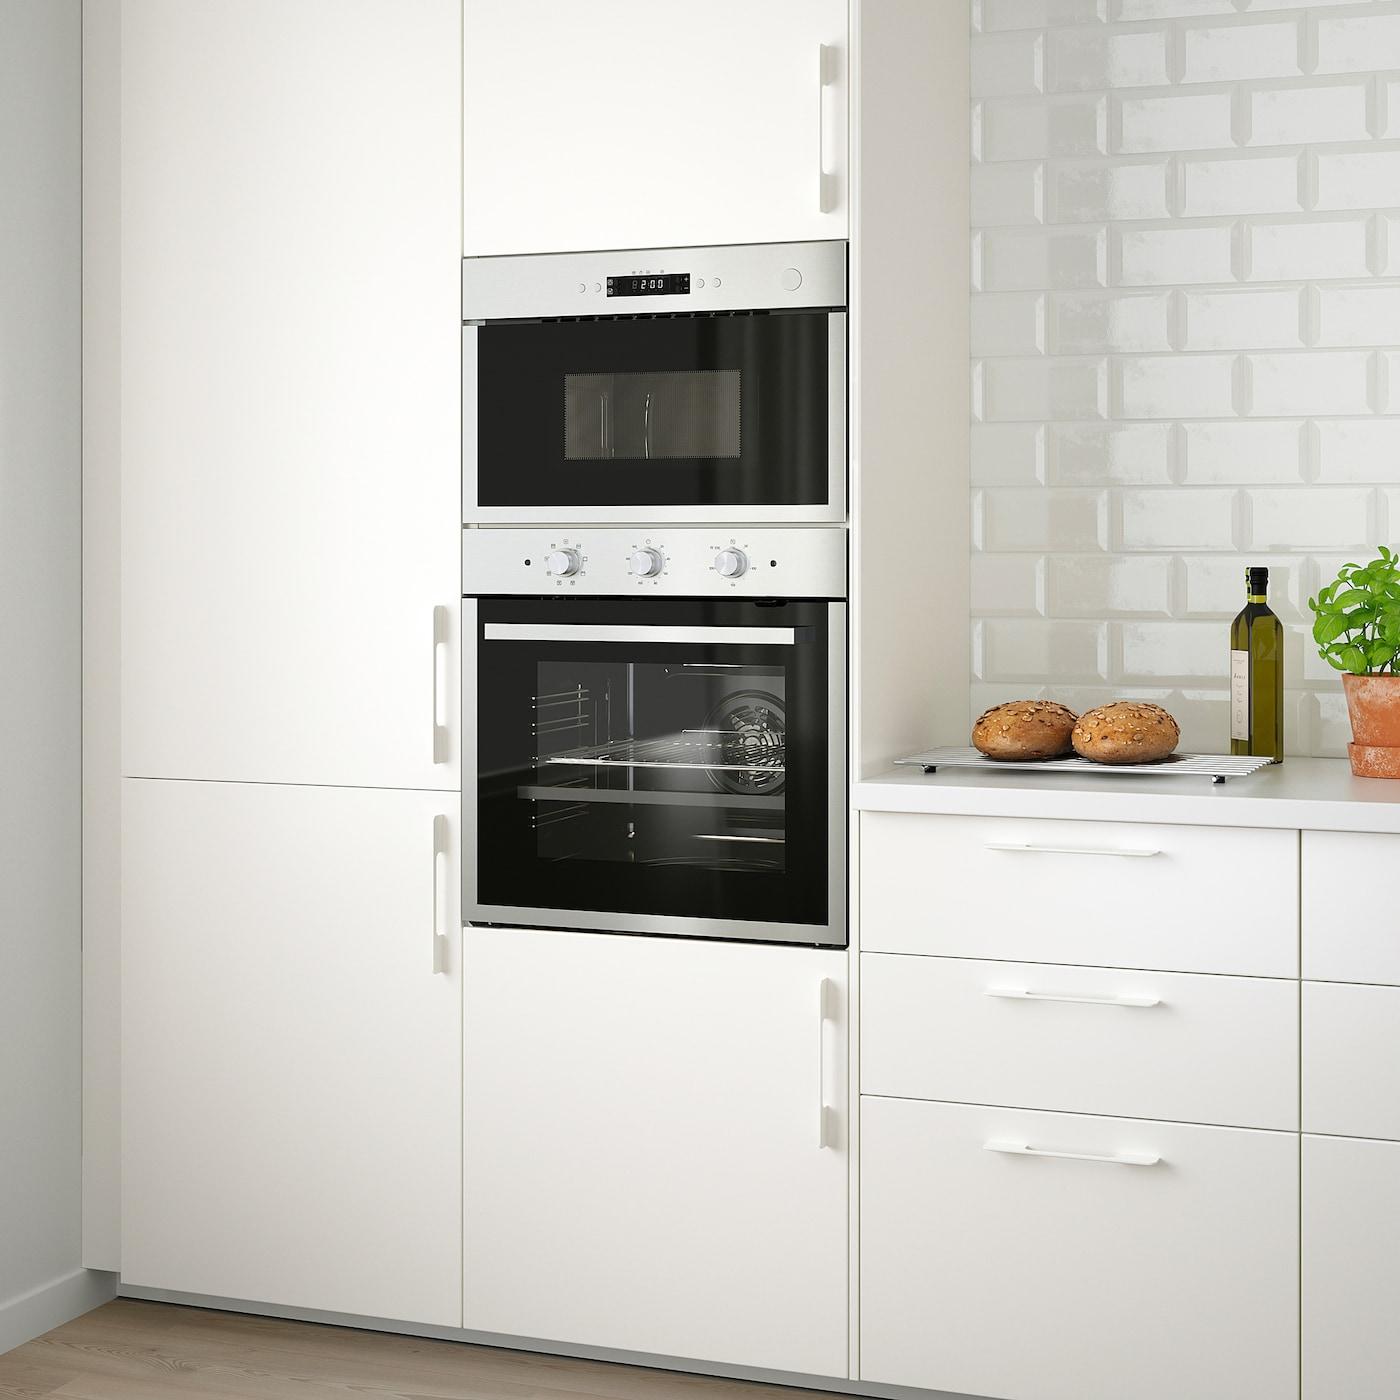 Prix Cuisine Ikea Sans Electromenager matÄlskare four à pyrolyse - couleur acier inox